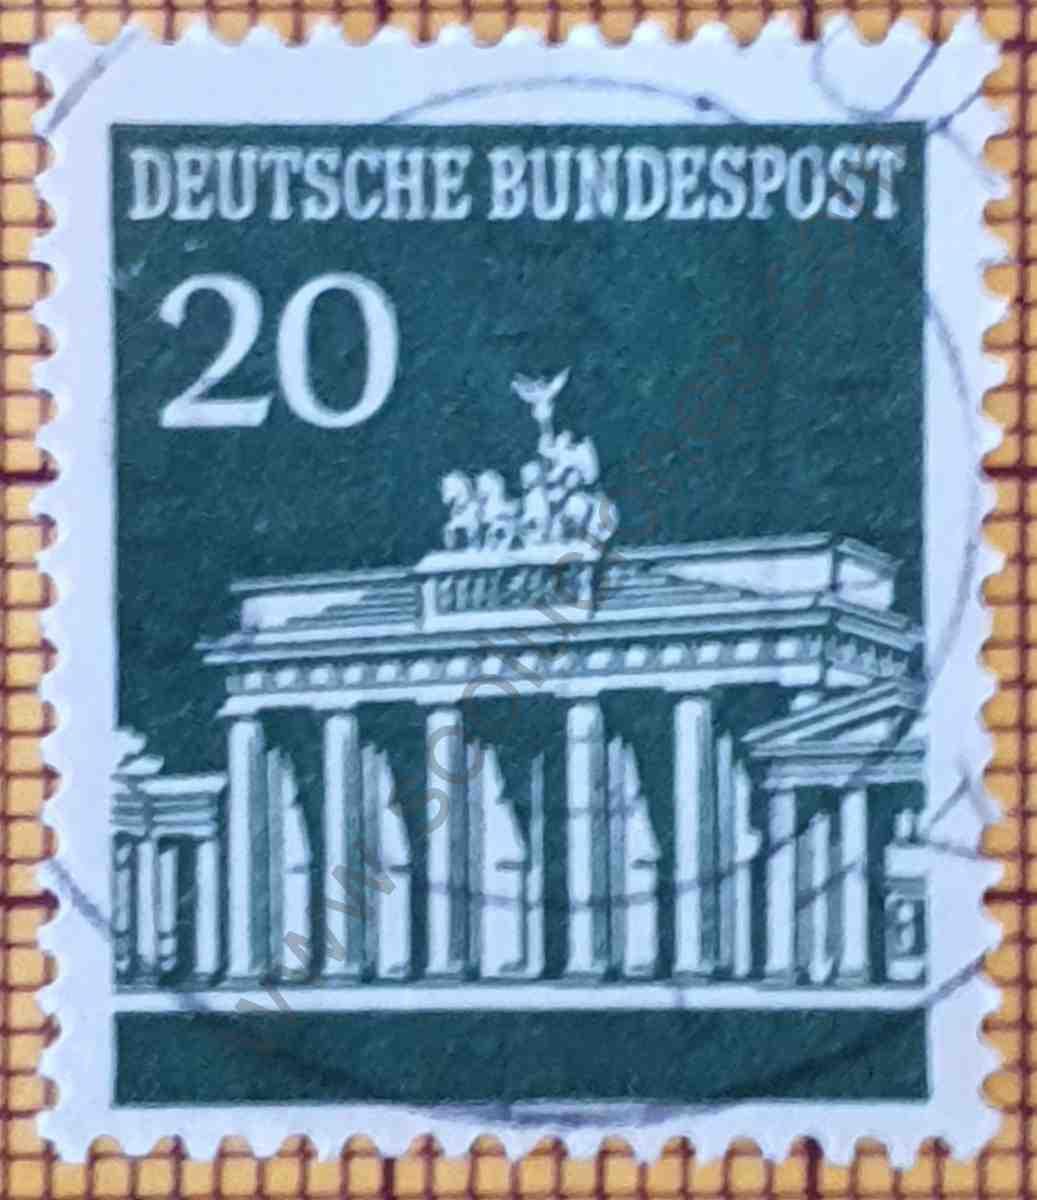 Puerta de Brandenburg 20Pf - sello de Alemania año 1966